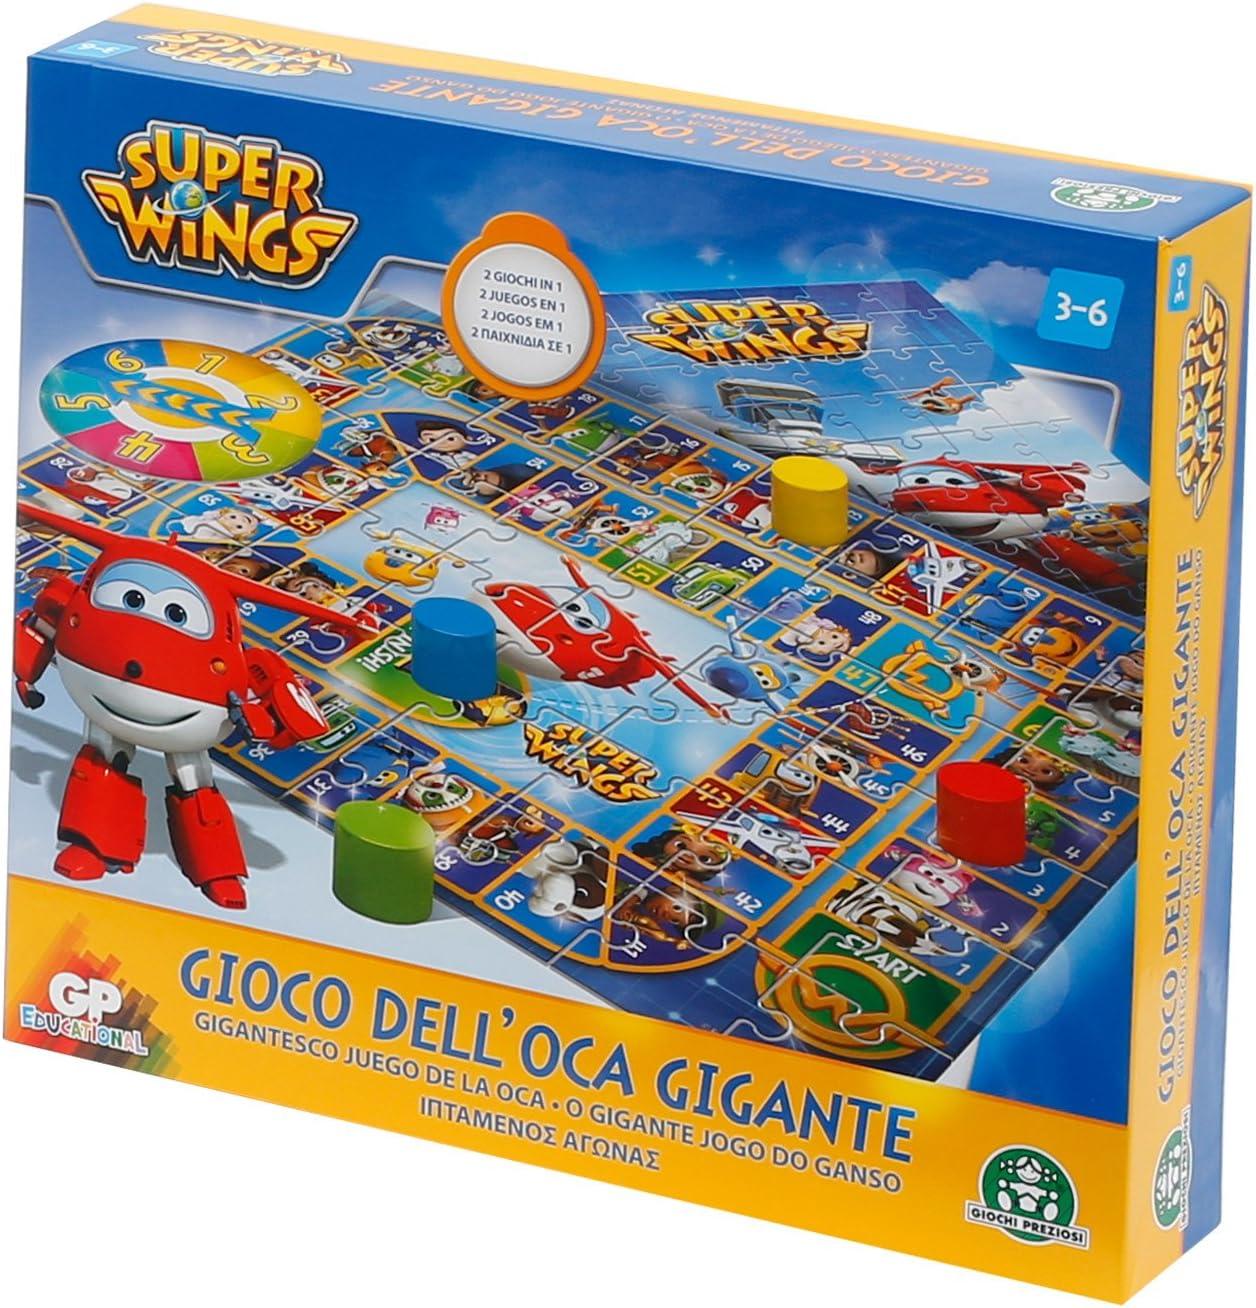 Superwings - Juego de la oca Gigante (Giochi Preziosi UPW22000): Amazon.es: Juguetes y juegos